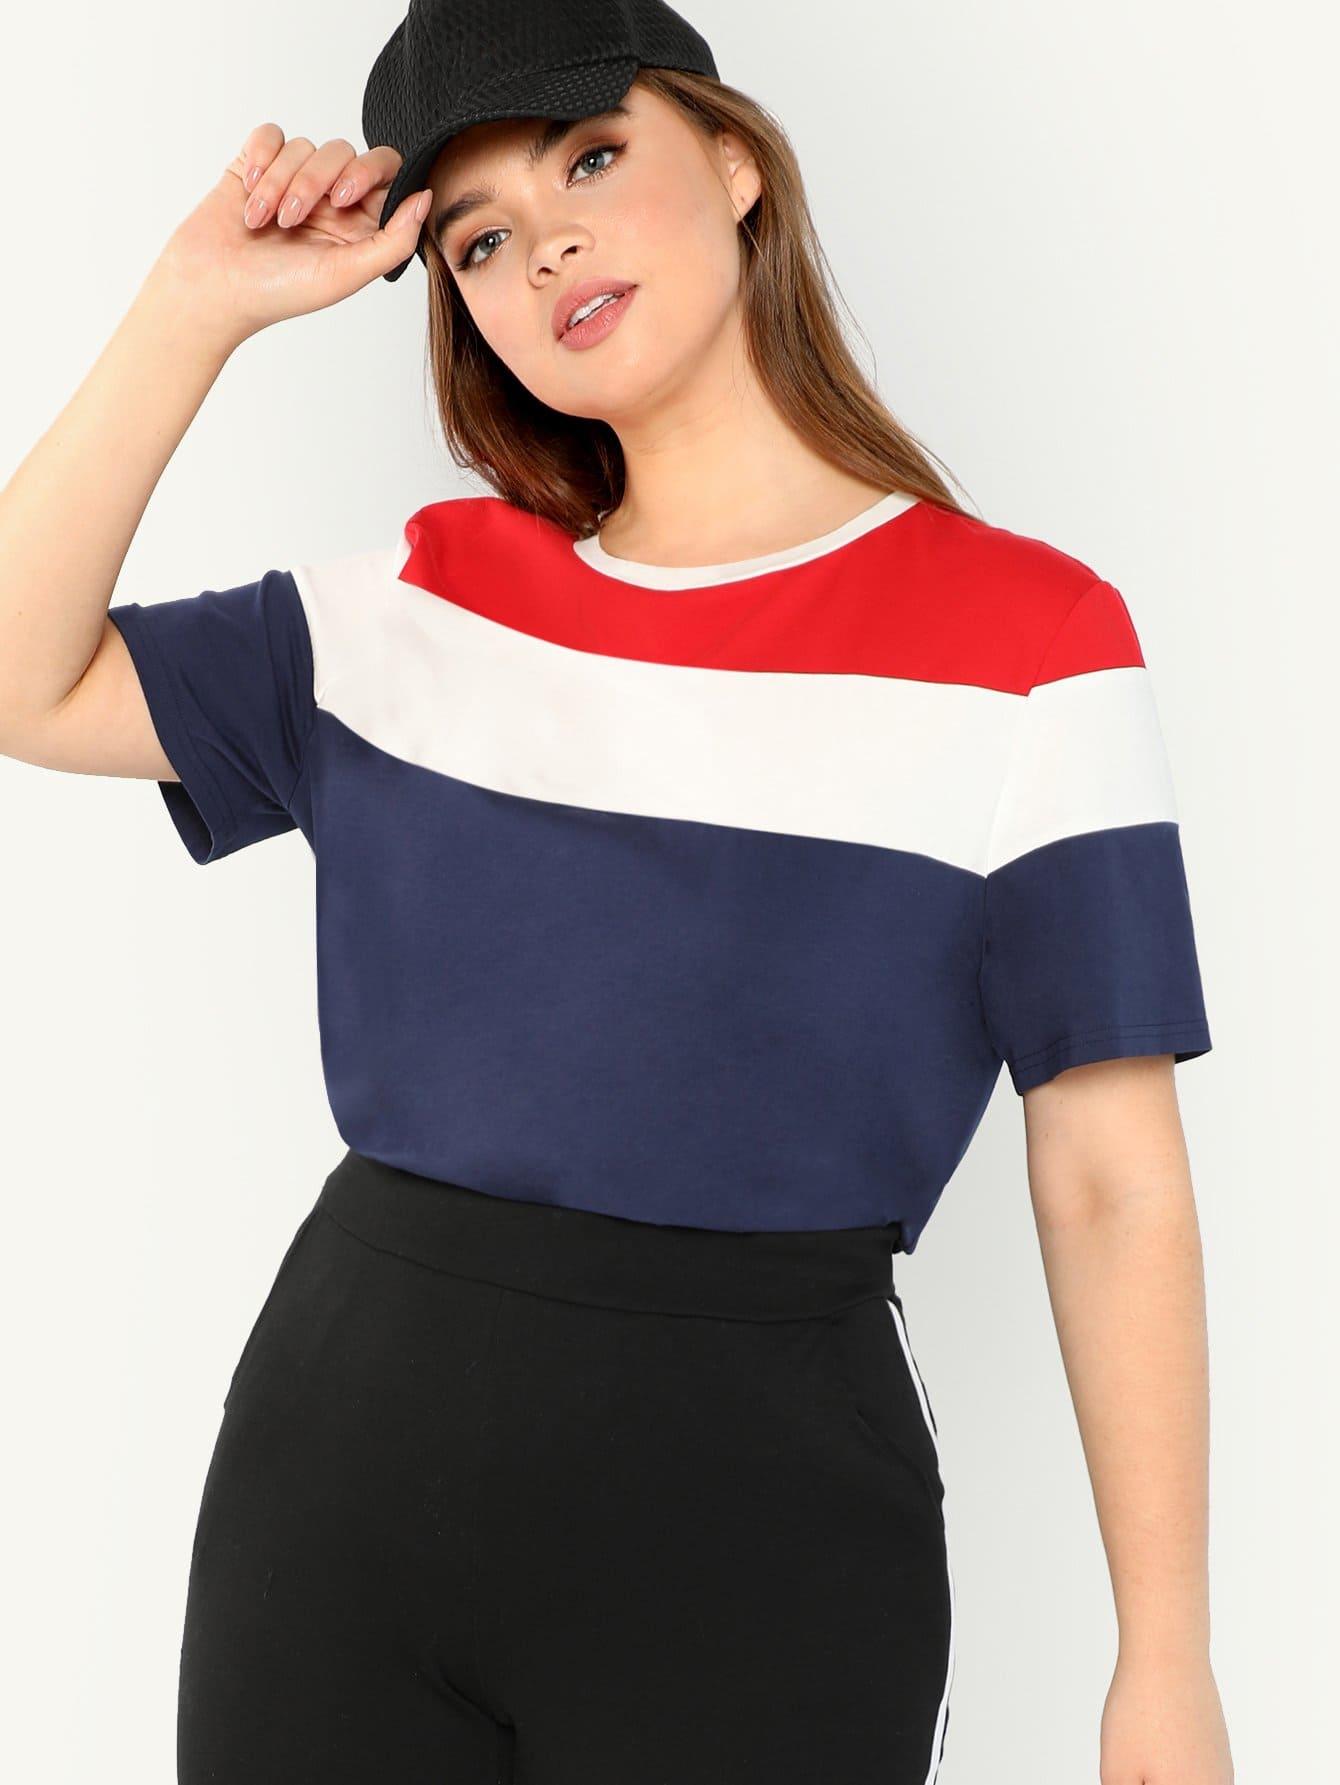 Купить Плюс размеры вырезать шить футболка, Faith Bowman, SheIn